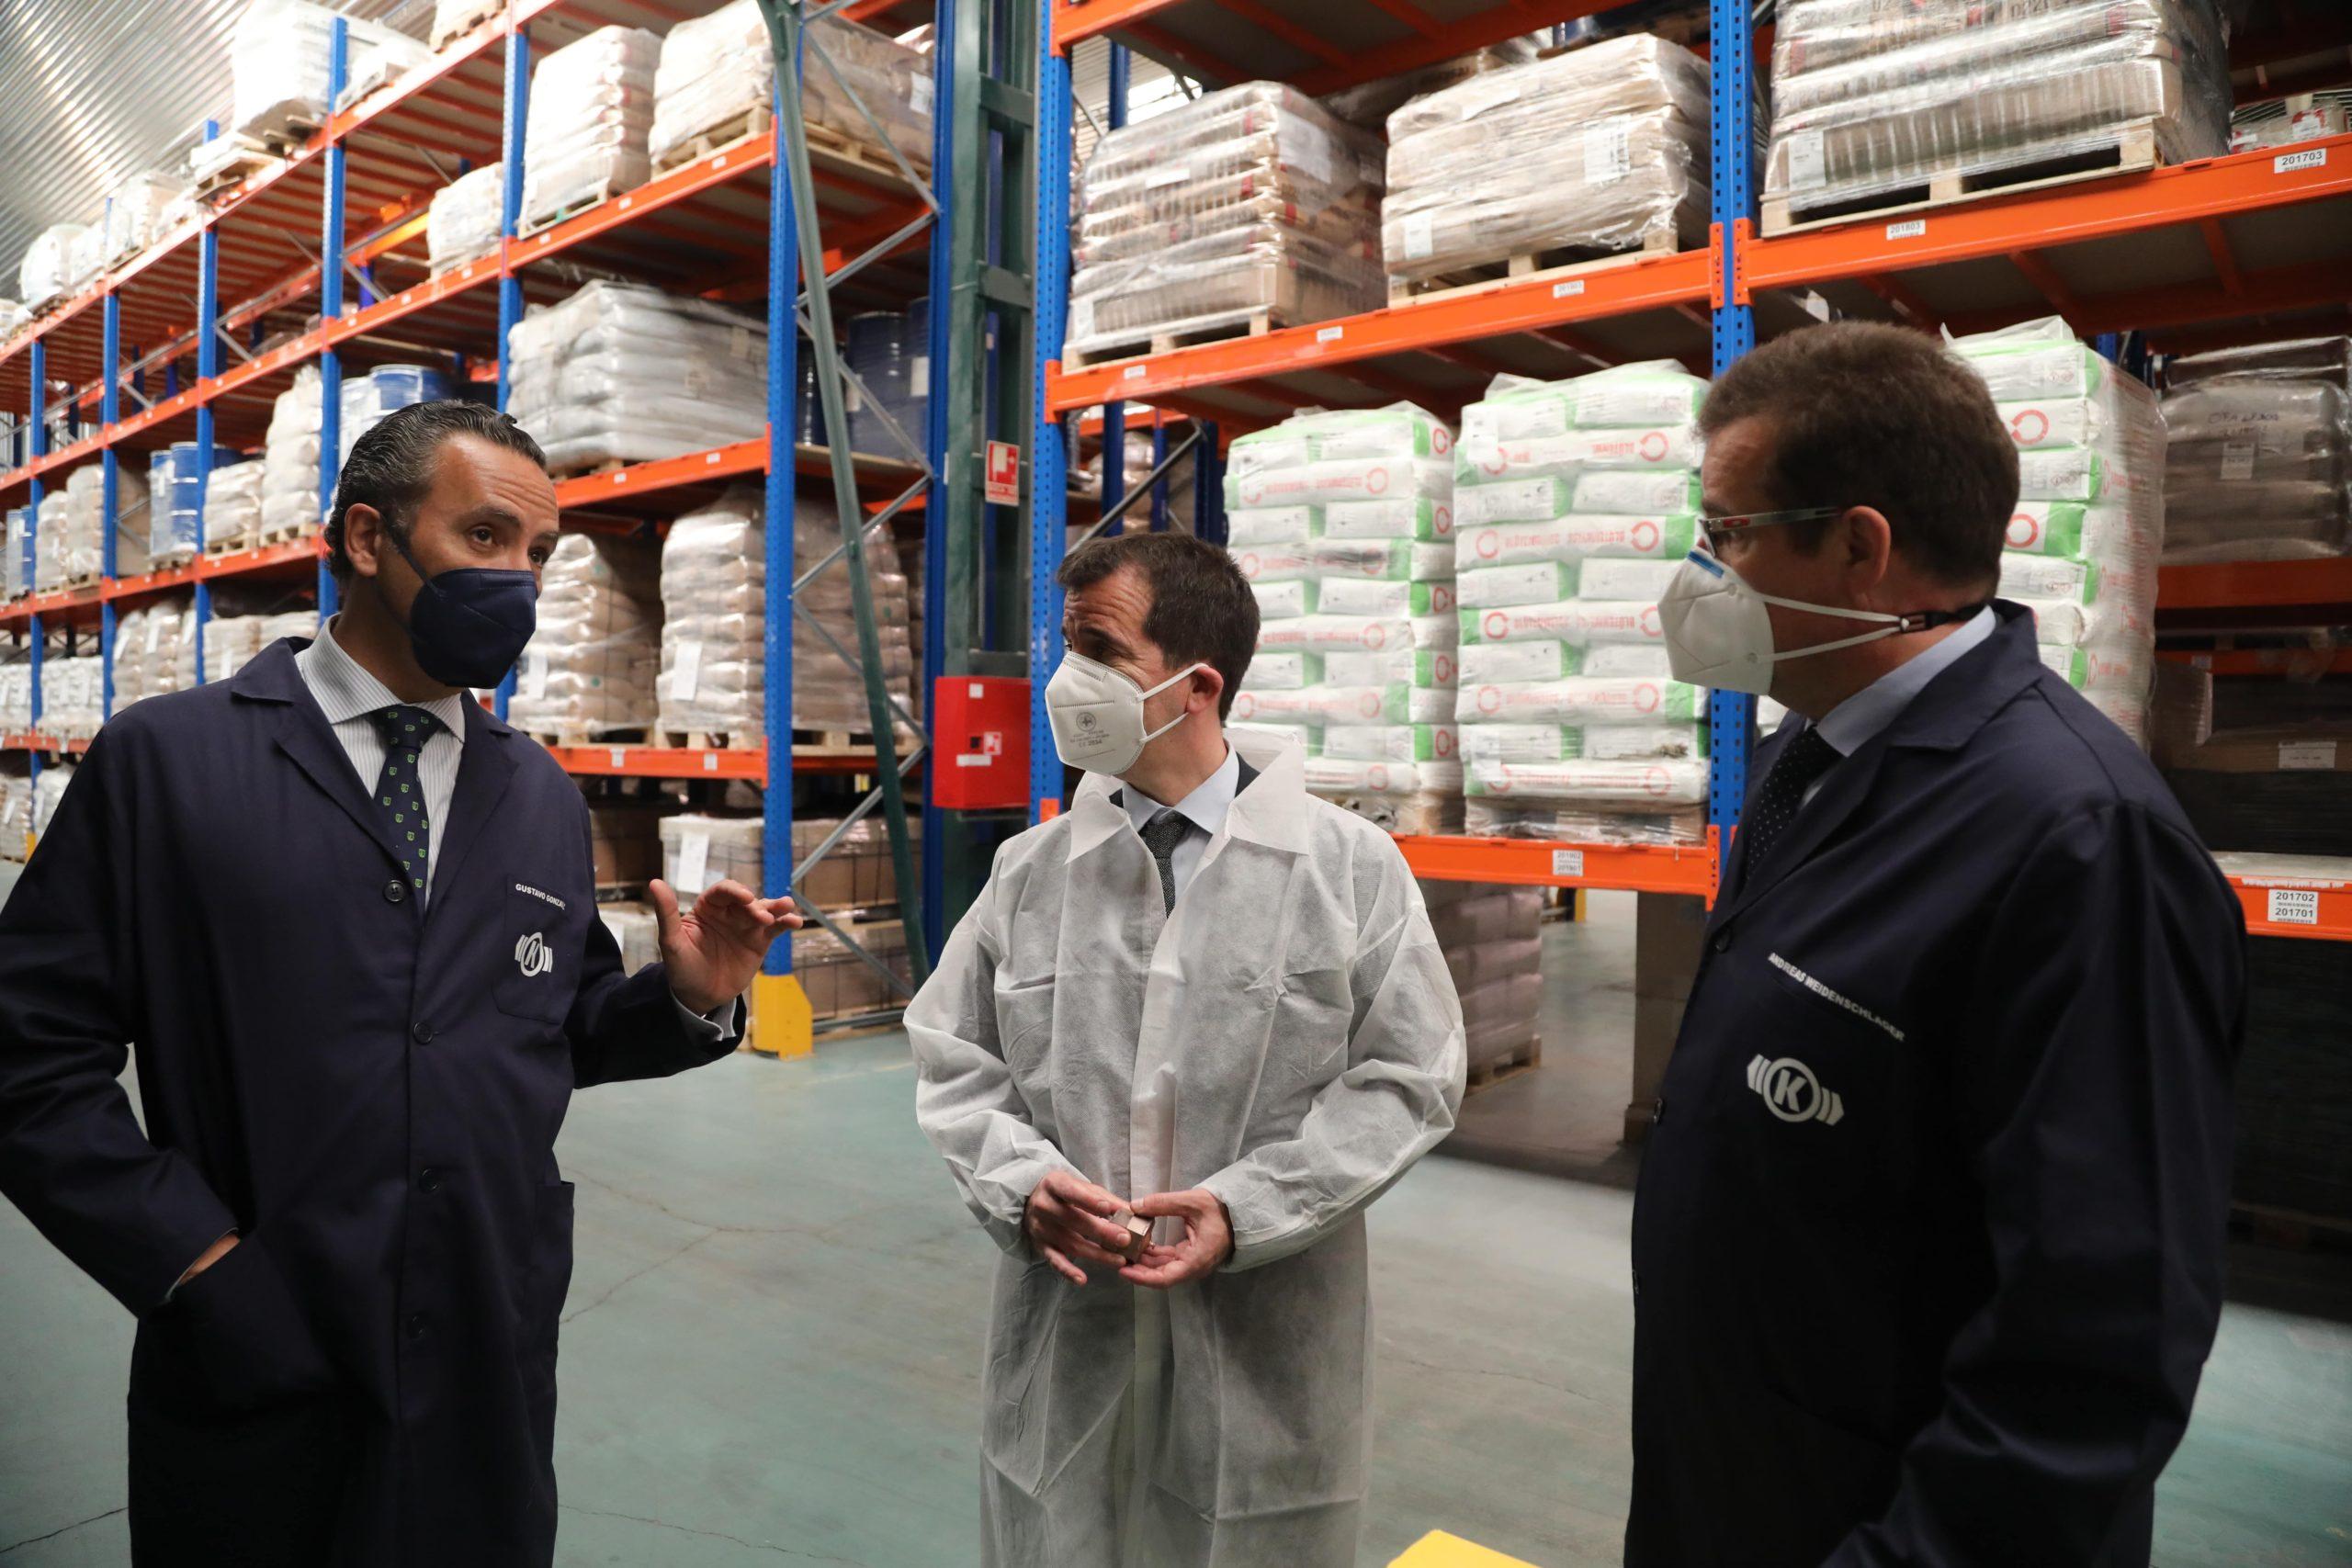 El consejero Irujo visita Knorr-Bremse, una empresa con un proyecto de inversion de 50 millones declarado de interes foral 1